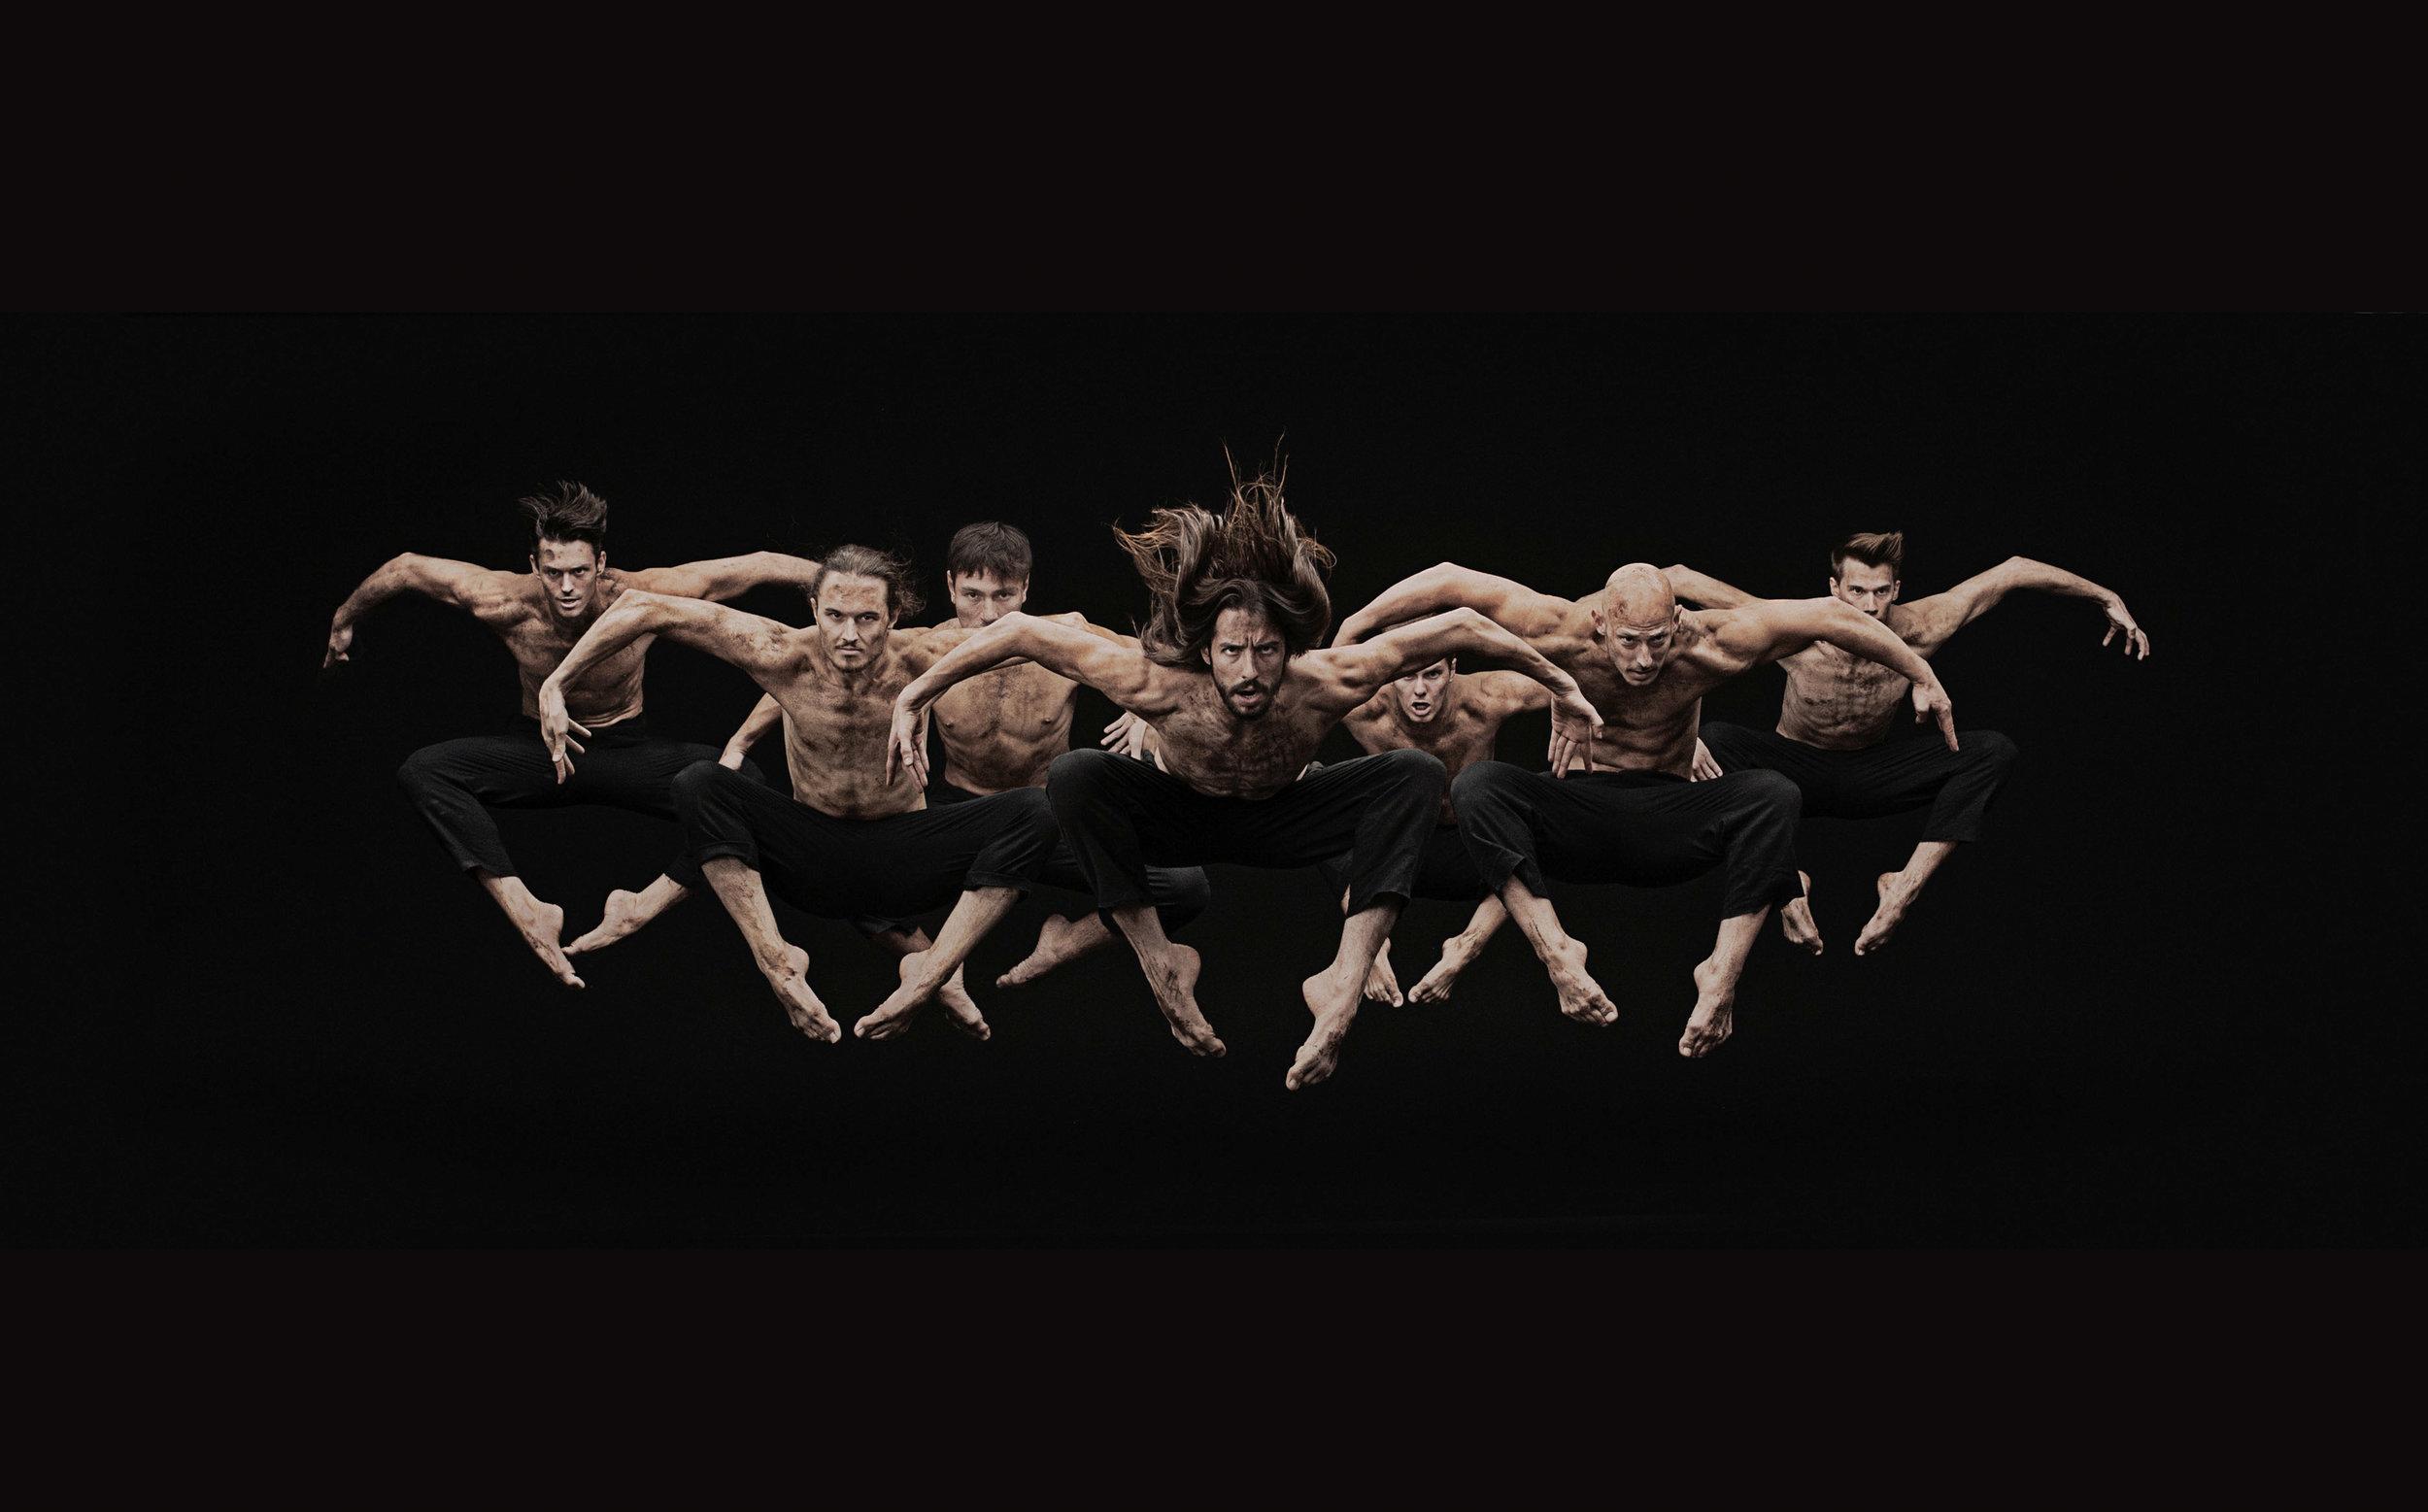 dancers-Edit-1-2.JPG